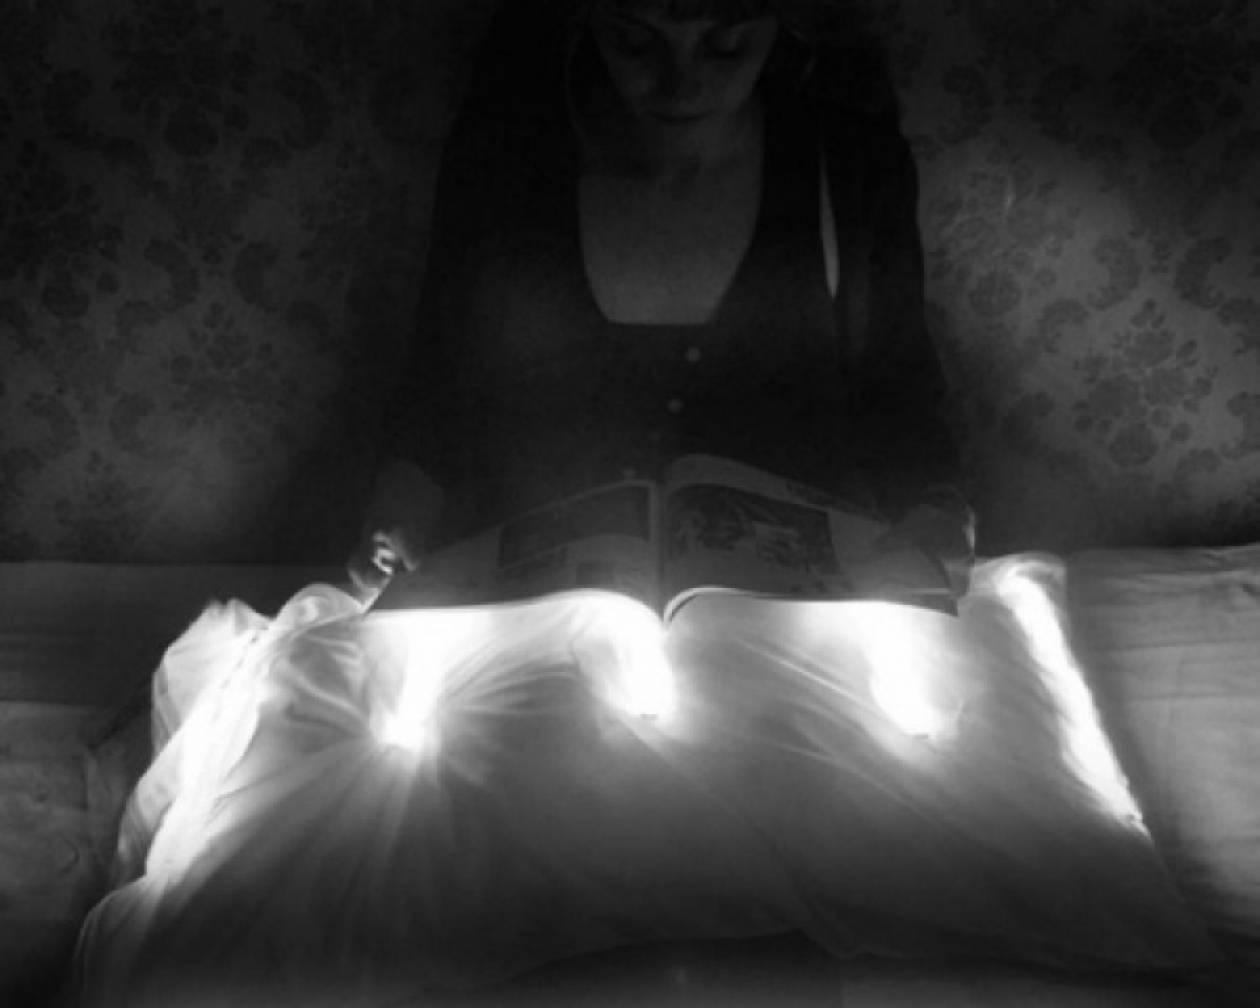 Σβήστε τα φώτα, ανάψτε... το μαξιλάρι σας